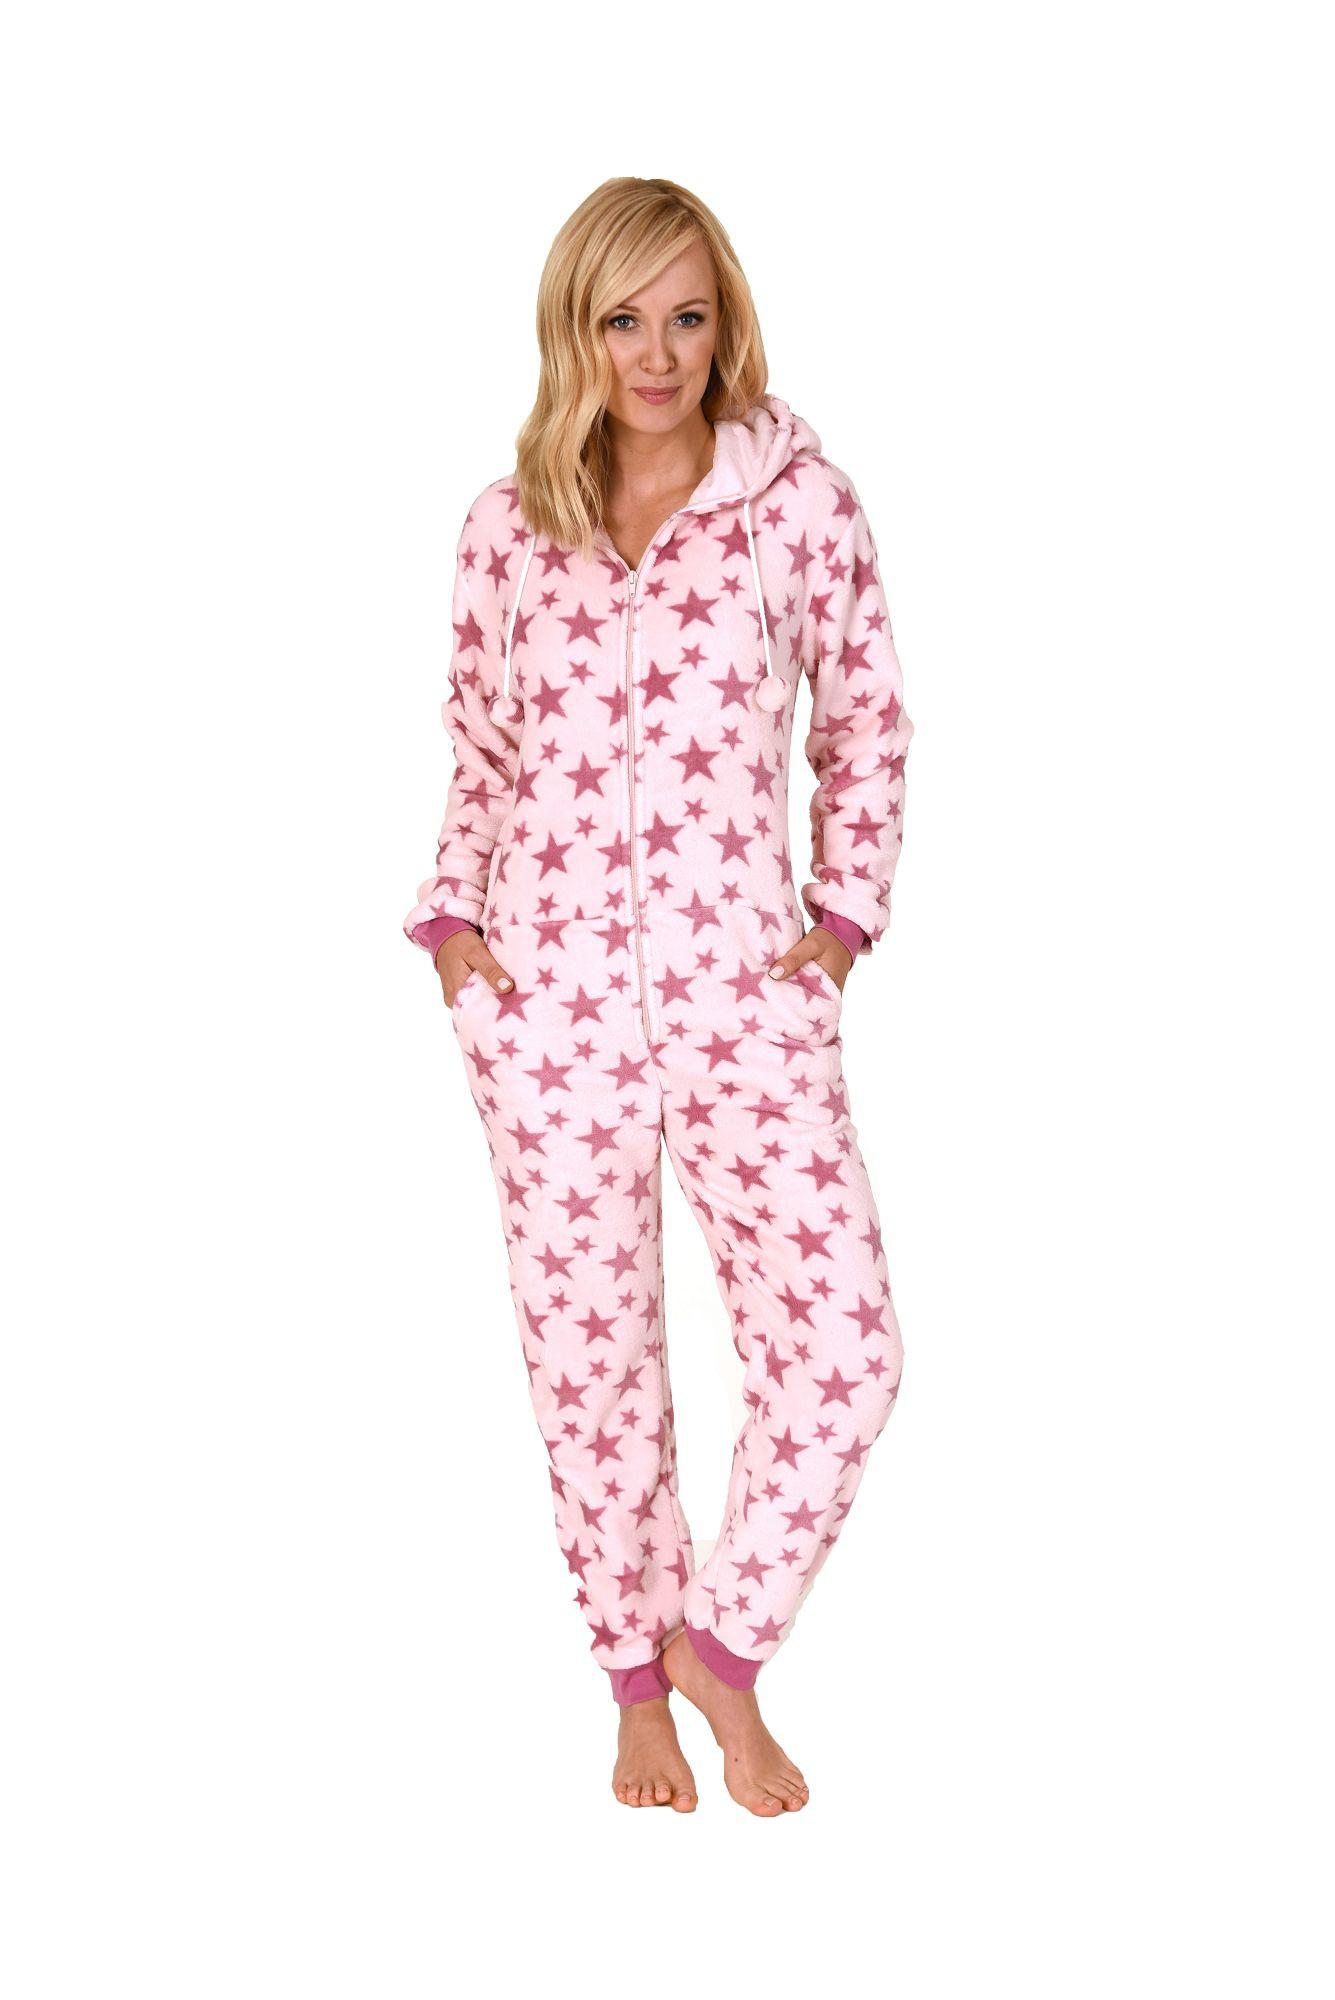 toller damen schlafanzug einteiler jumpsuit onesie overall langarm 271 267 97 001. Black Bedroom Furniture Sets. Home Design Ideas